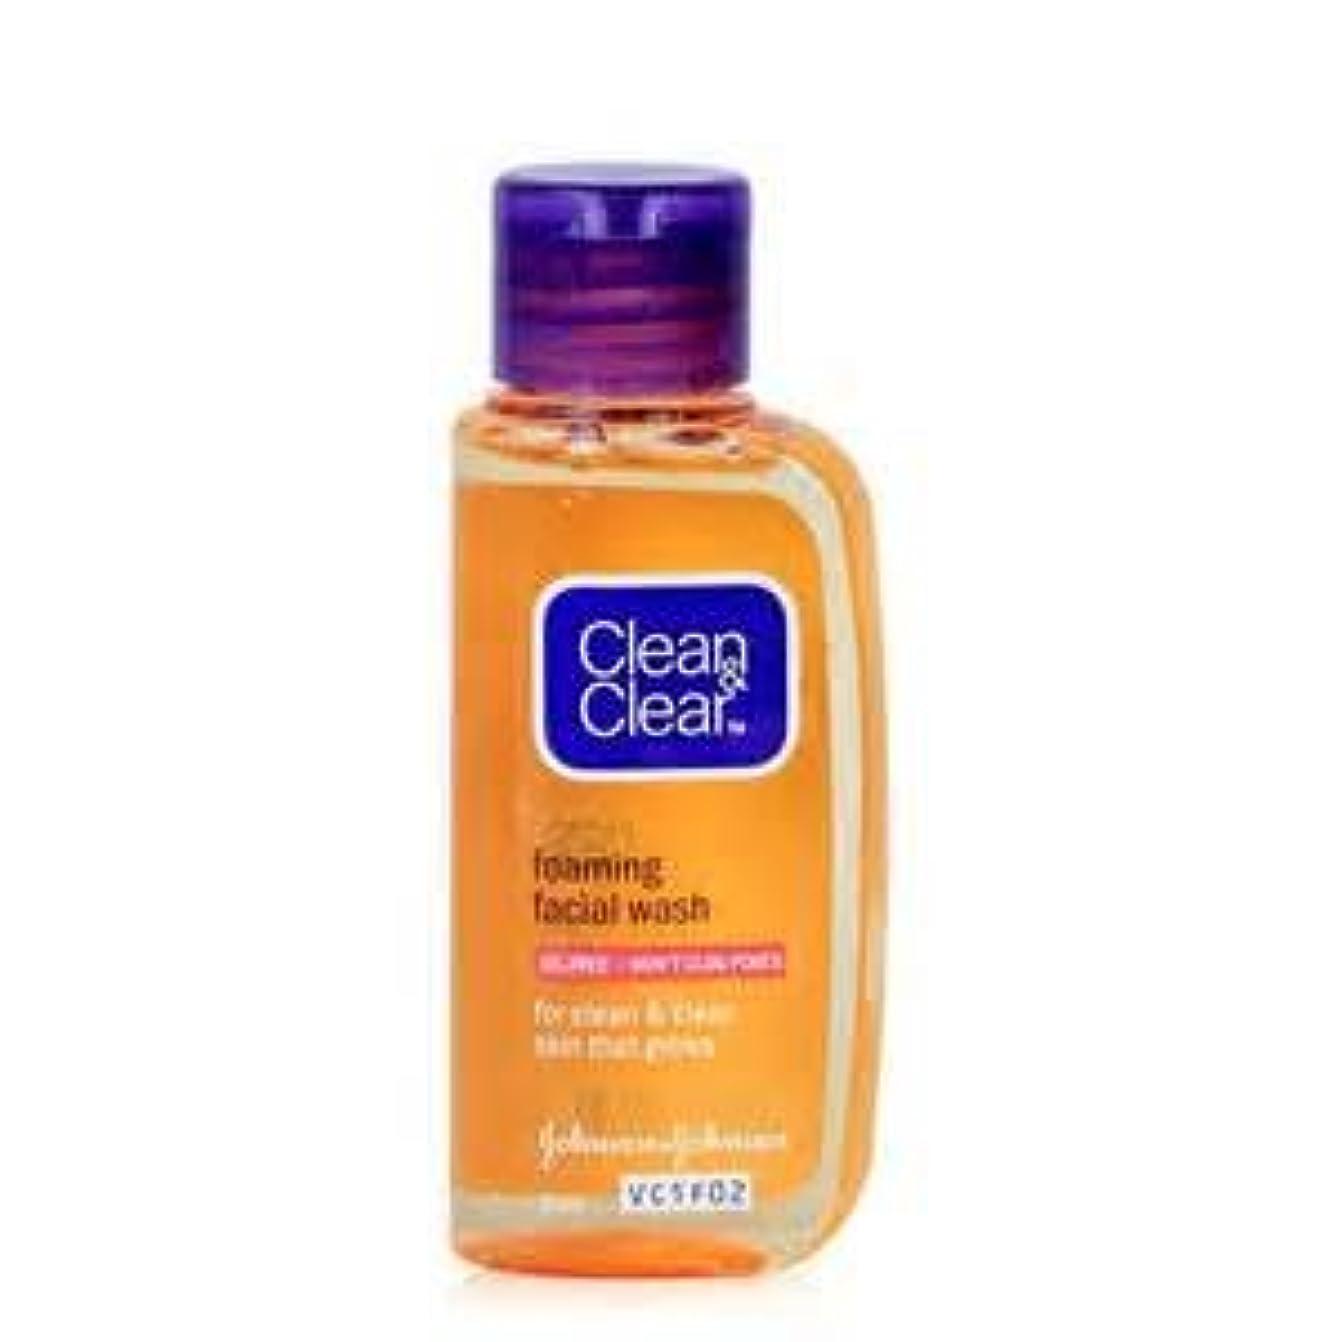 乱闘保持するアパートクリーン&クリア エッセンシャル フォーミング フェイシャル ウォッシュ clean&clear essentials foaming facial wash 50ml